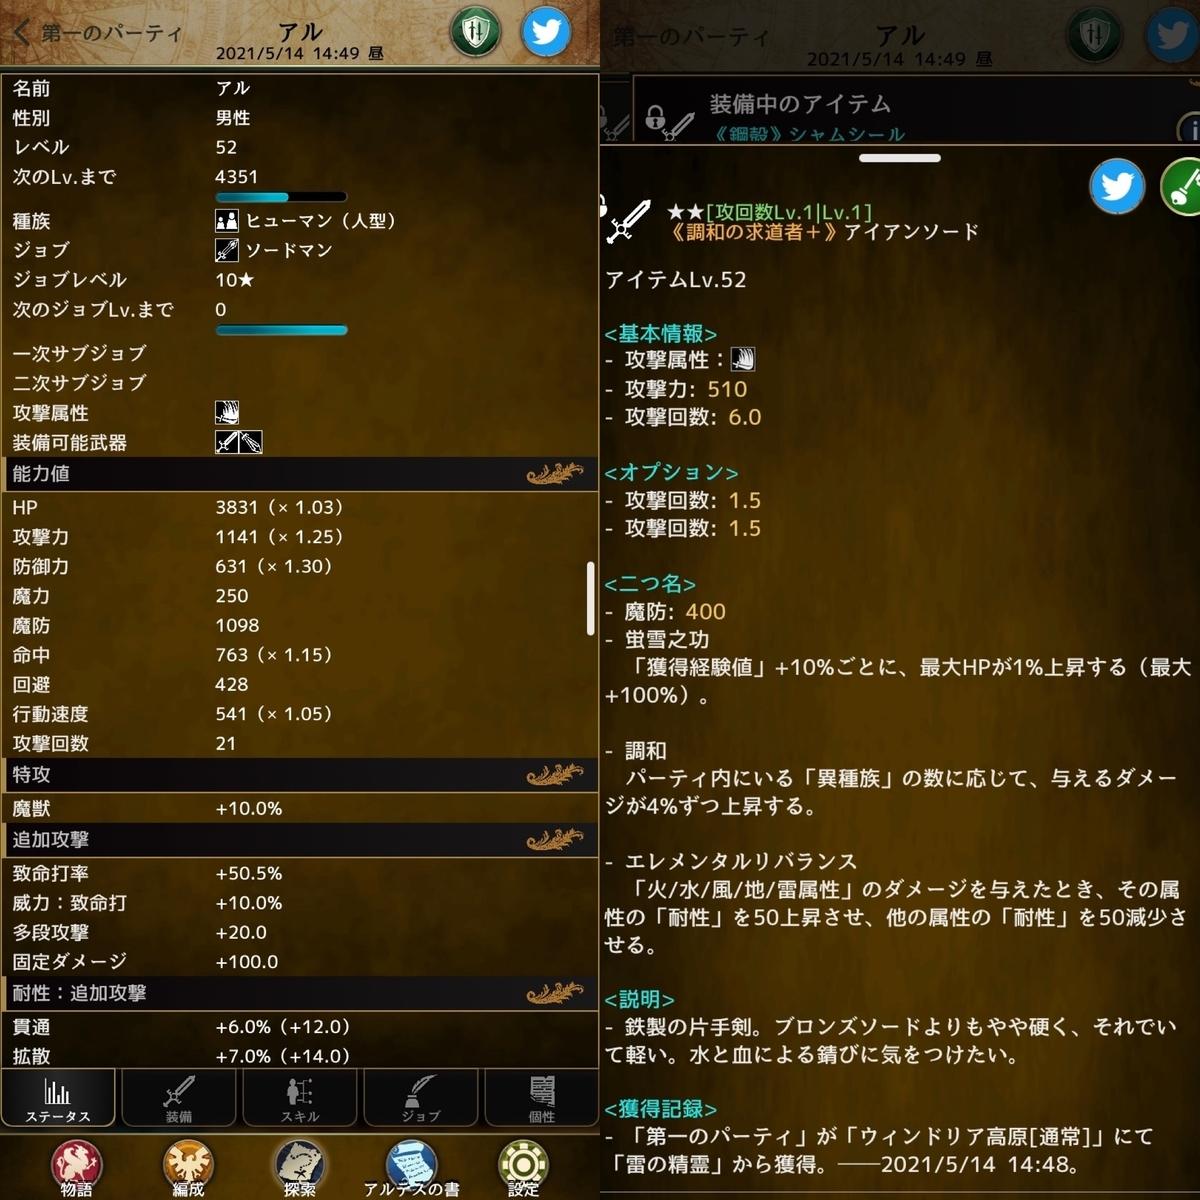 f:id:asamushi:20210518091007j:plain